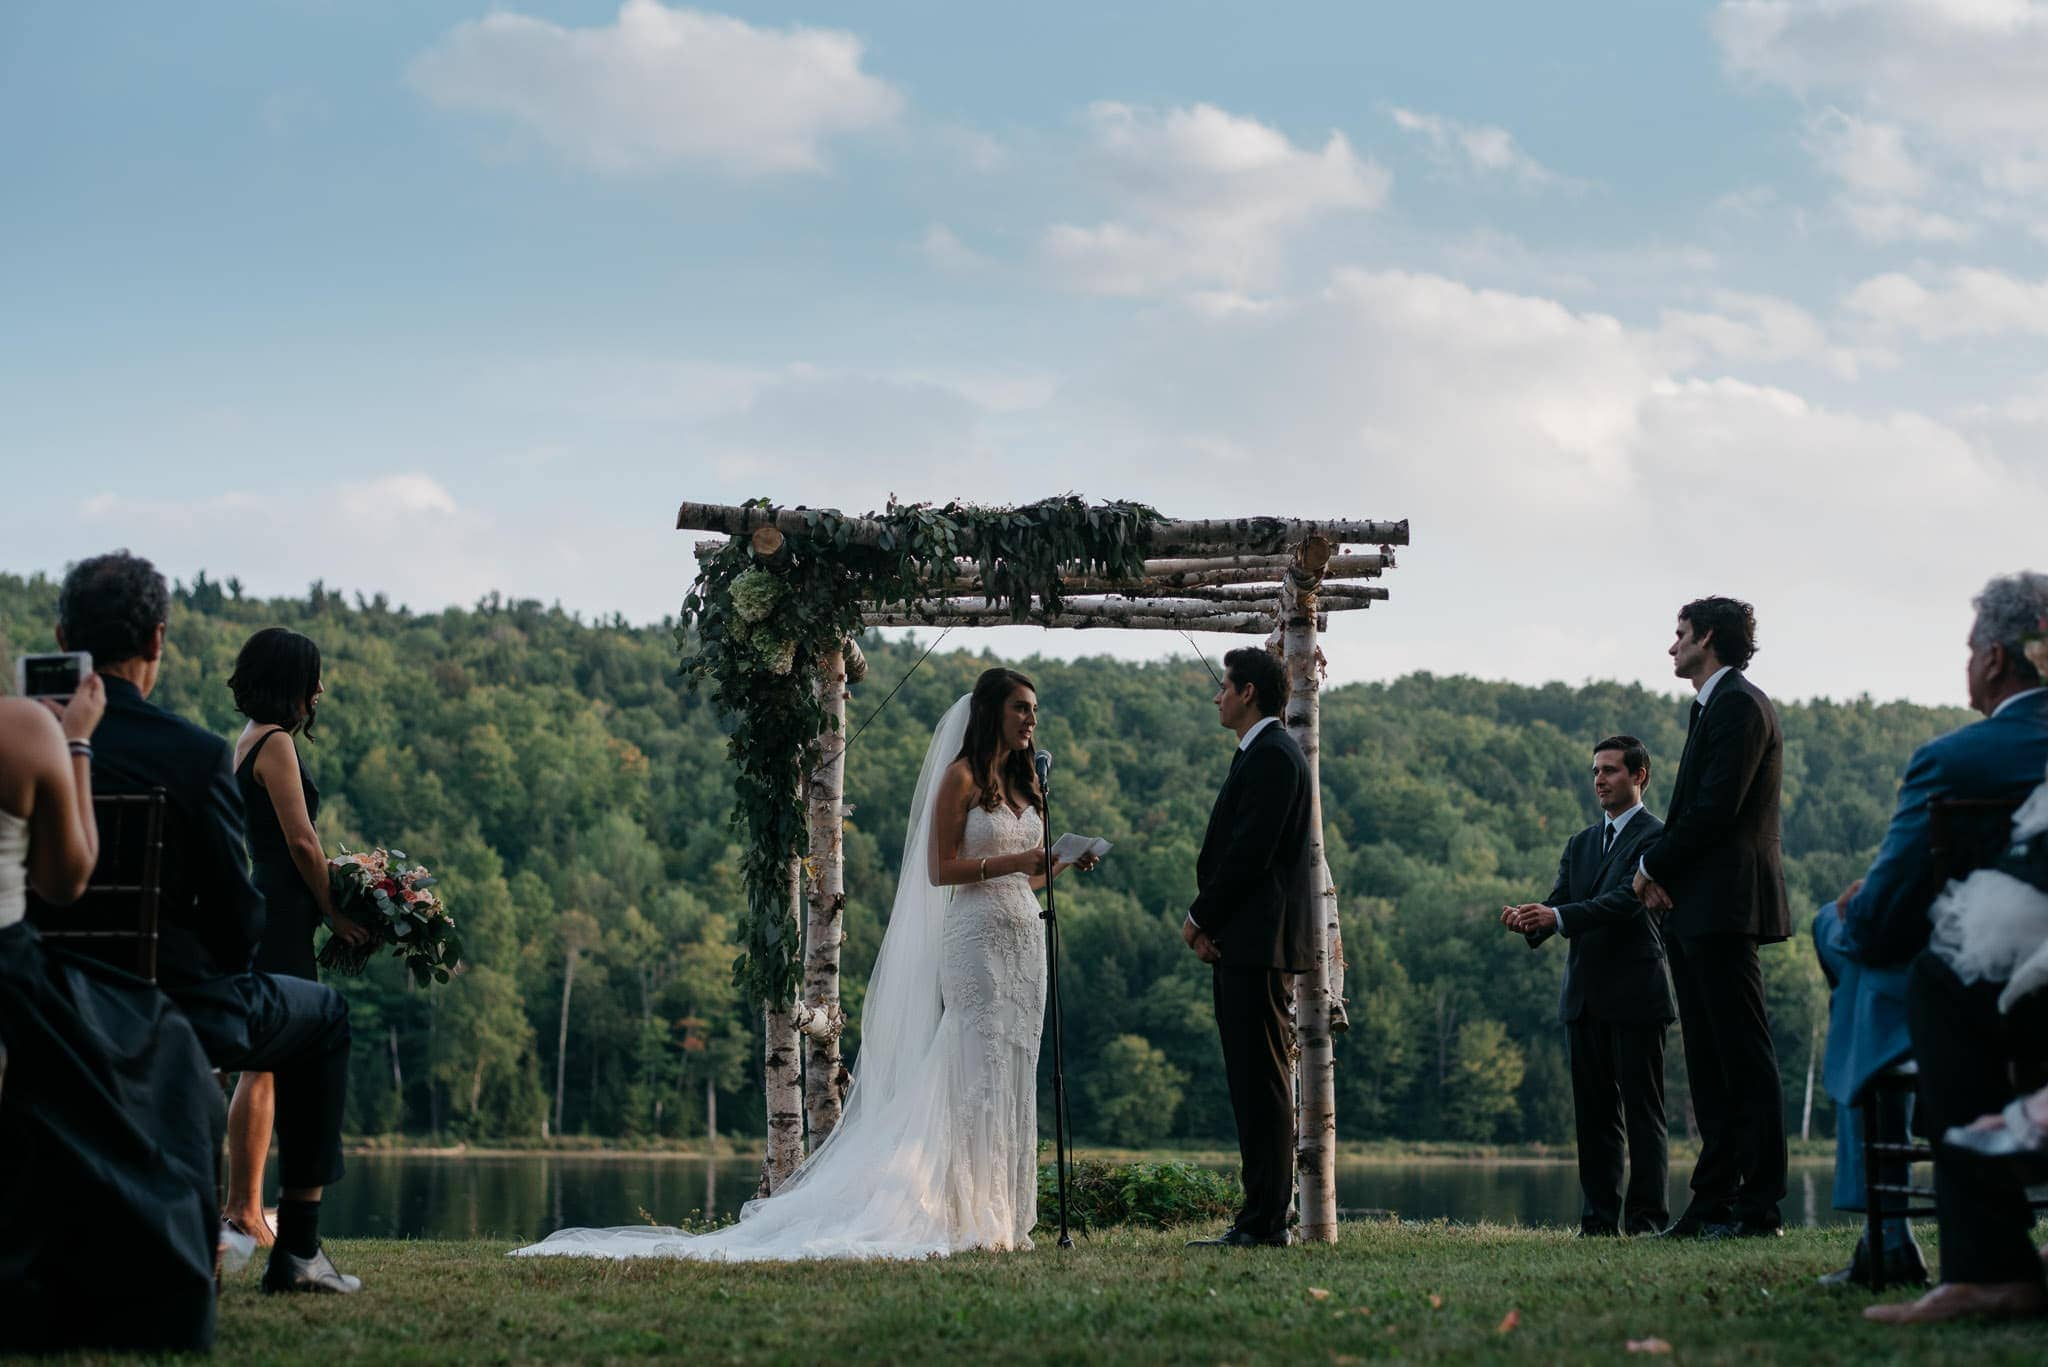 upstate-ny-lake-wedding-40